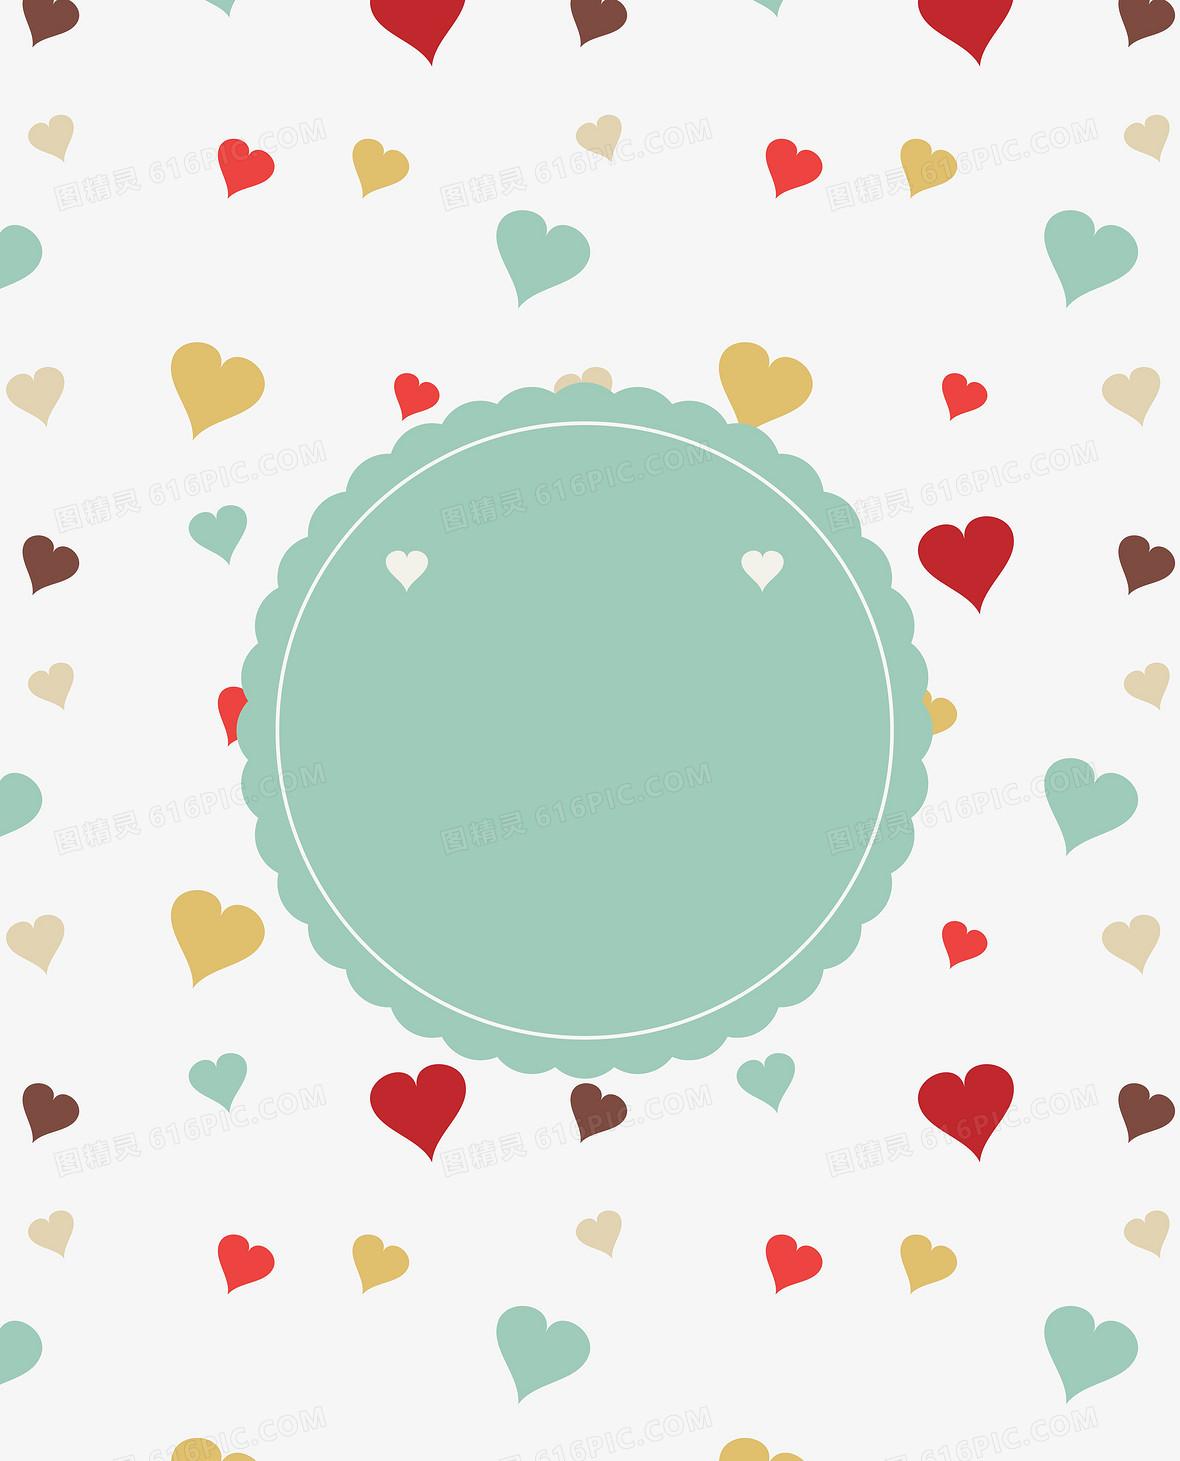 可爱小清新圆形边框爱心底纹矢量背景